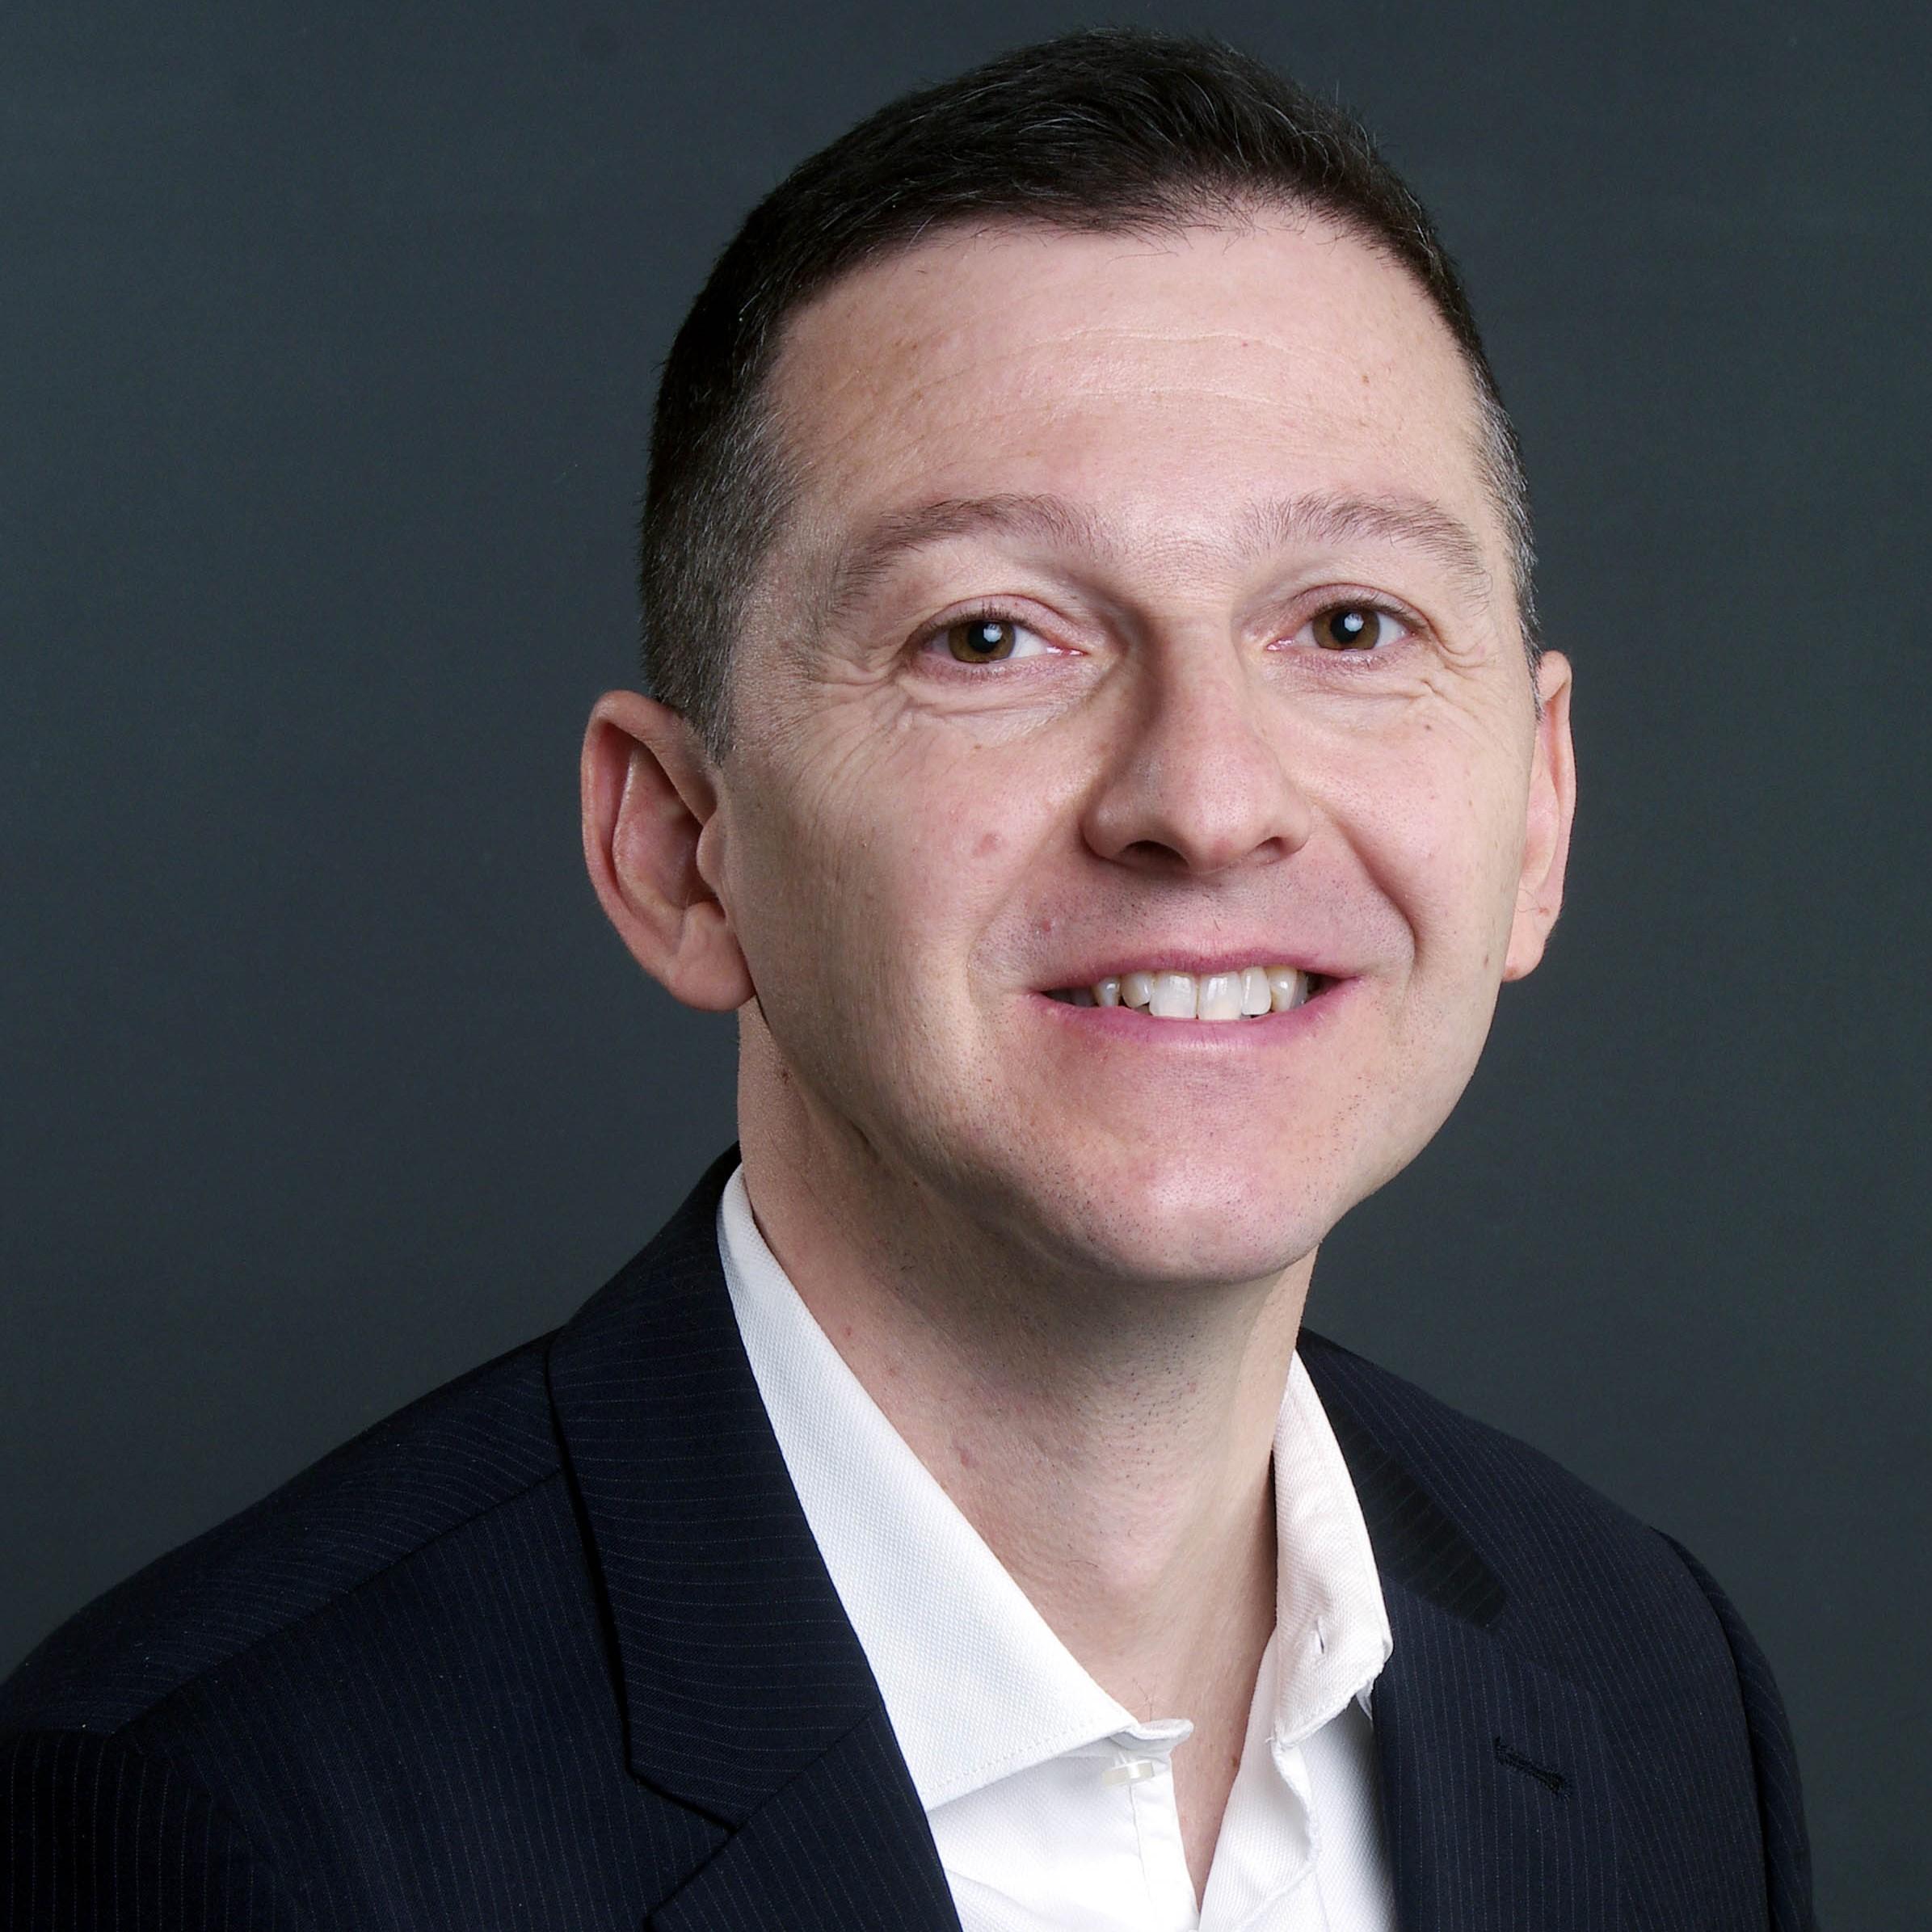 Davide Castorina